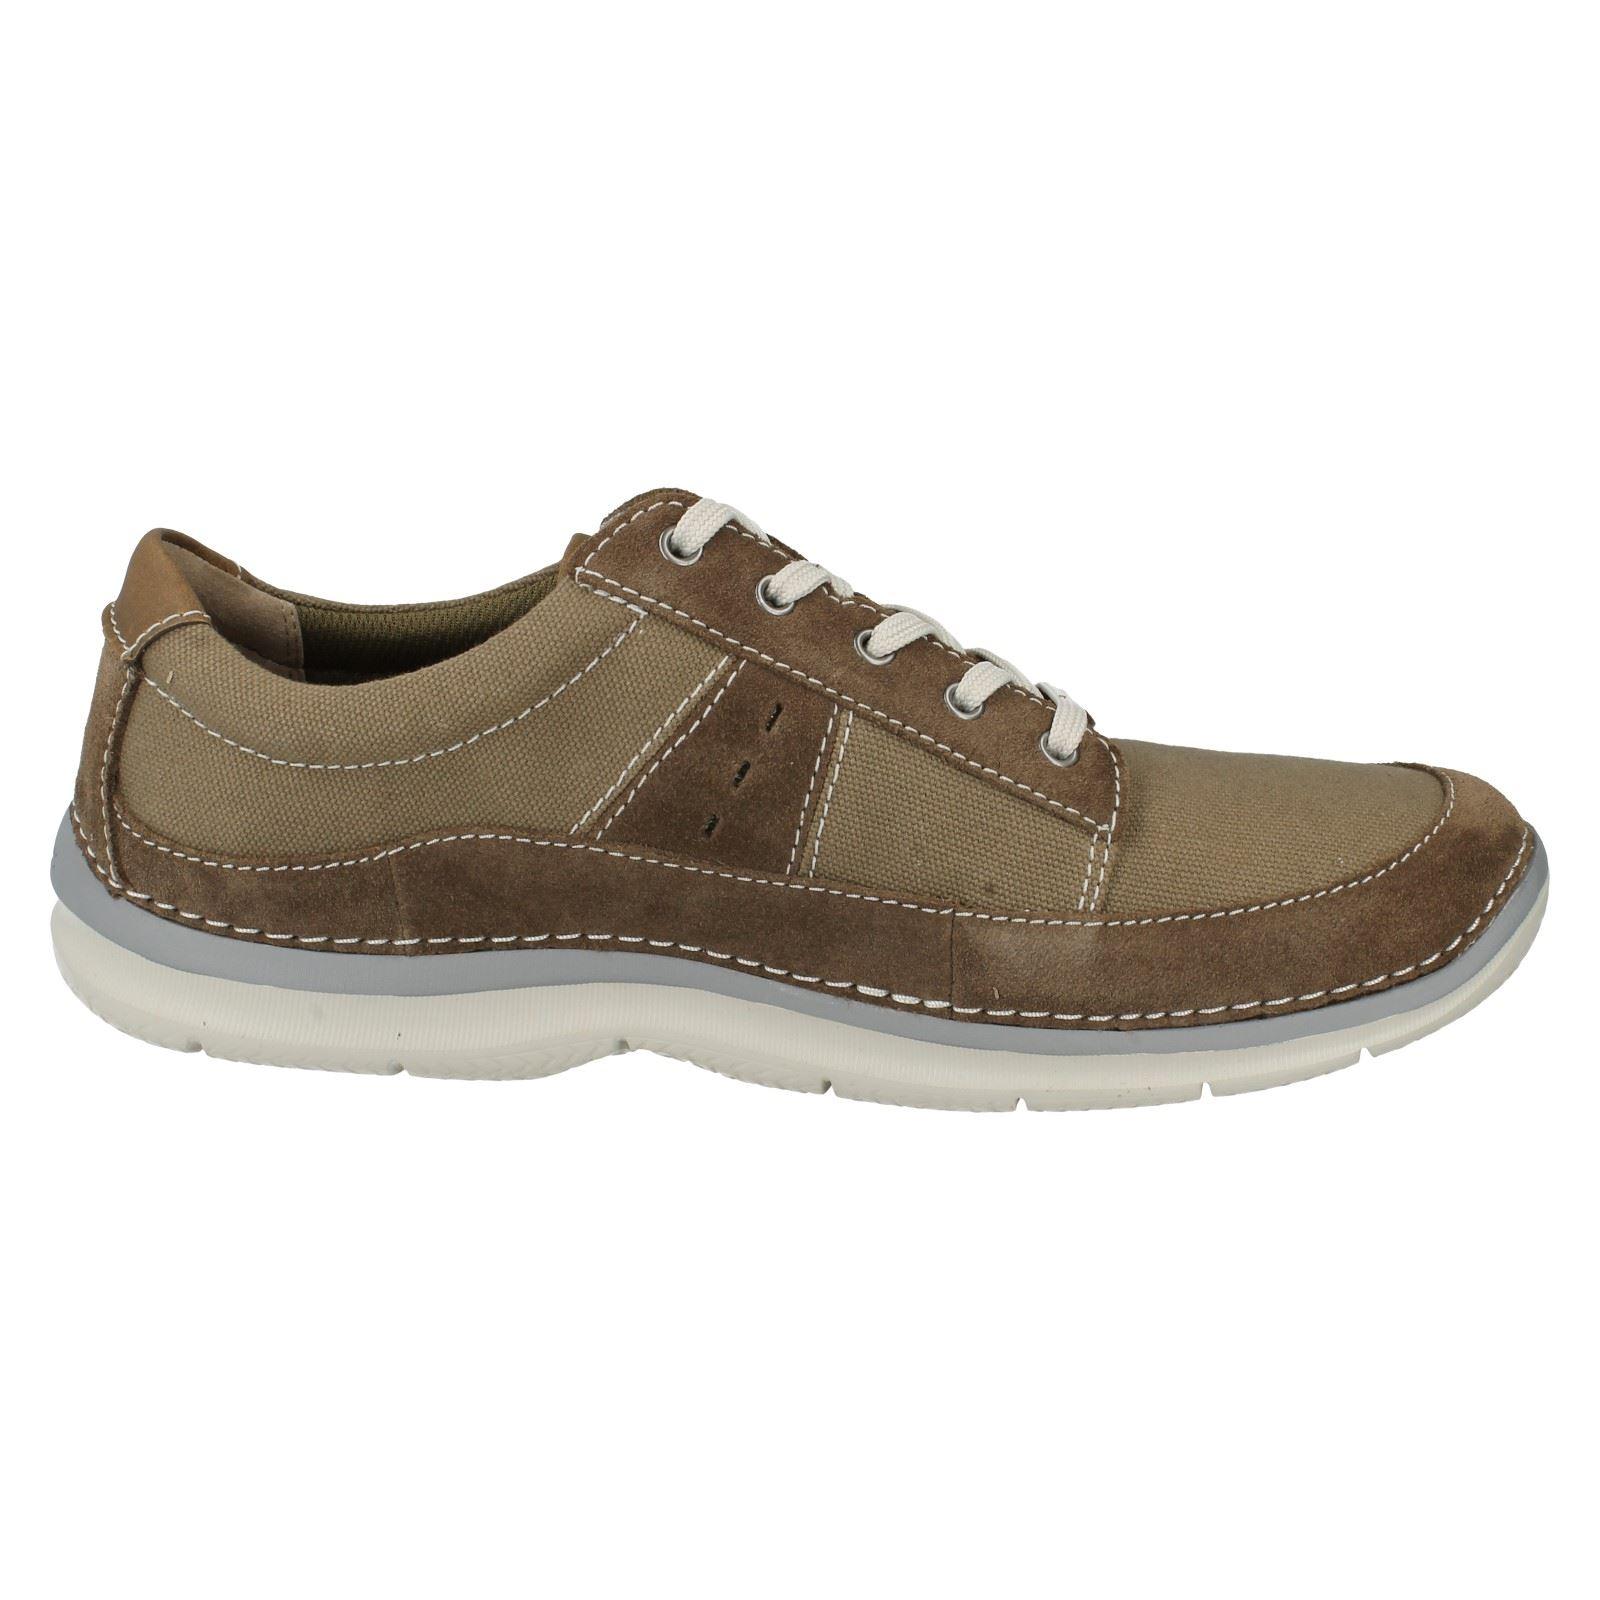 336a6f1217961 Abbigliamento e accessori Men S Clarks Tela Lacci Scarpe lo stile Ripton  Plain